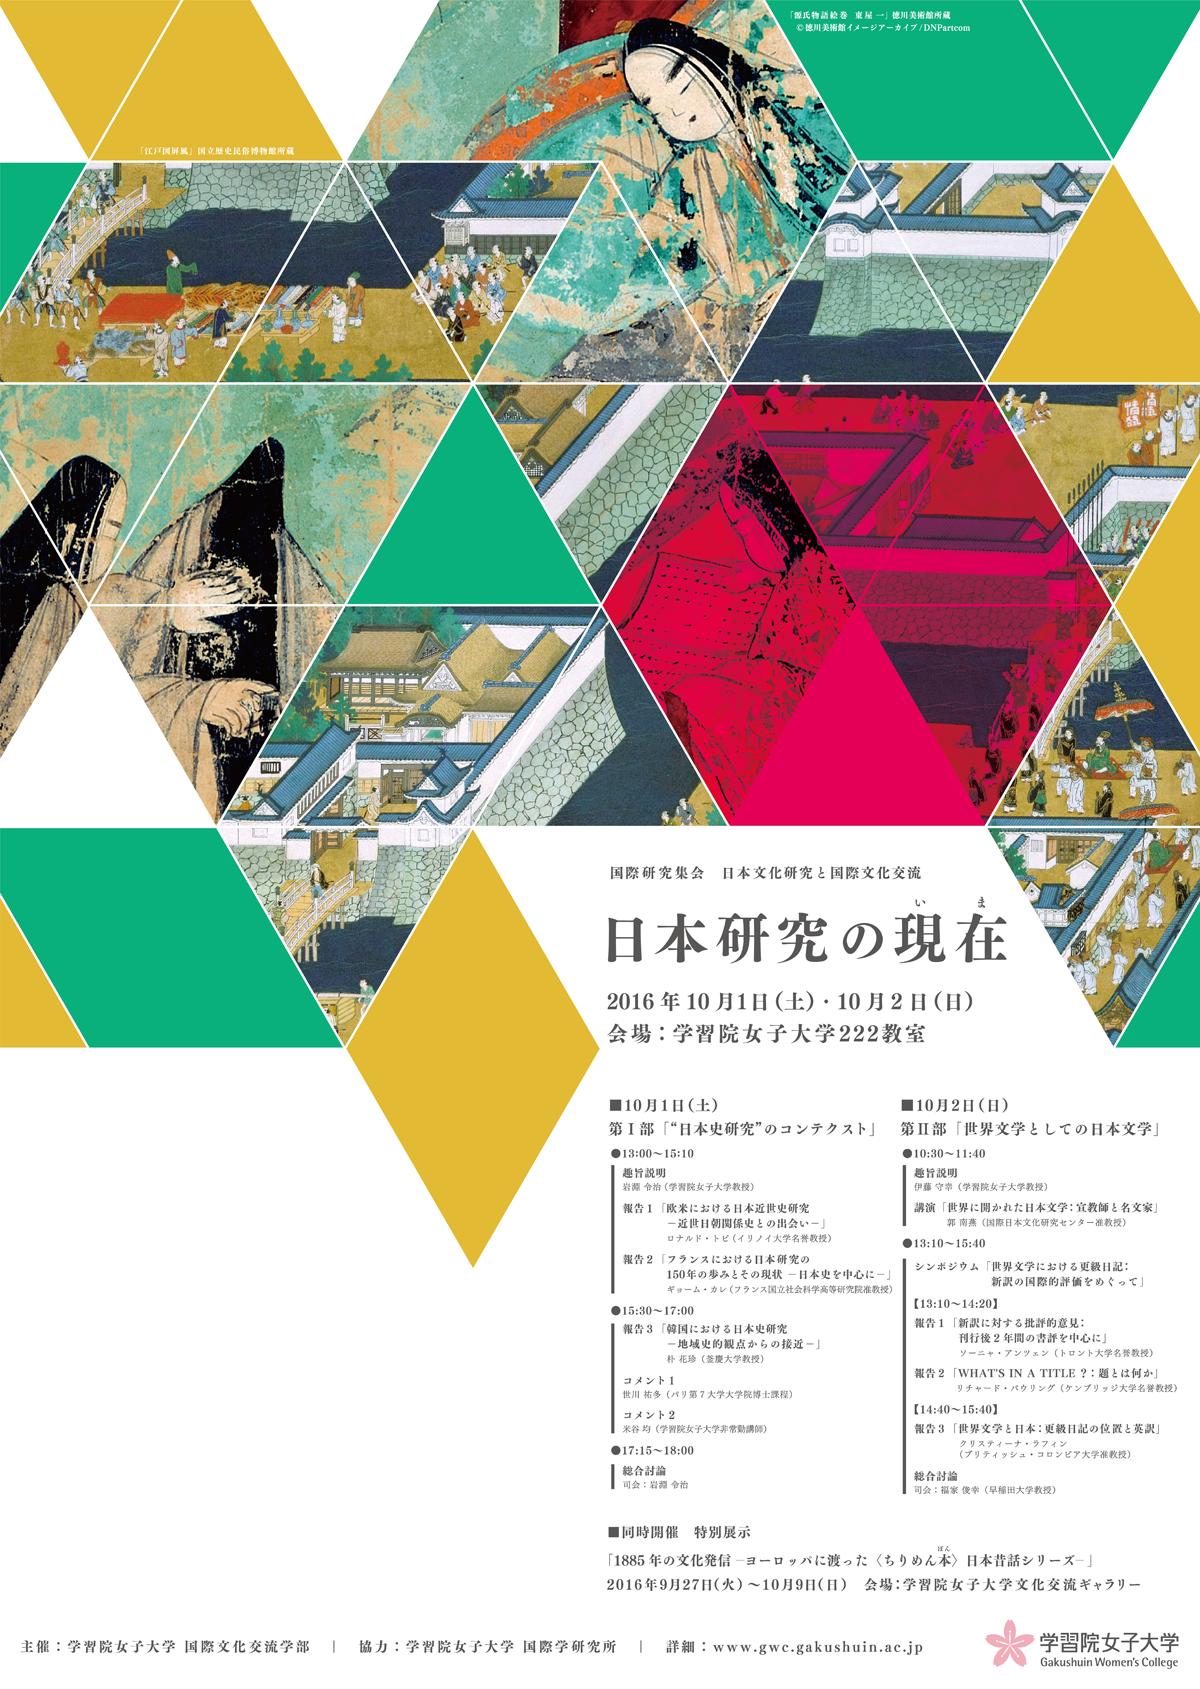 学習院女子大学が10月1日・2日に国際研究集会「日本研究の現在(いま)」を開催 -- さまざまな国の研究者が日本研究の現状を報告